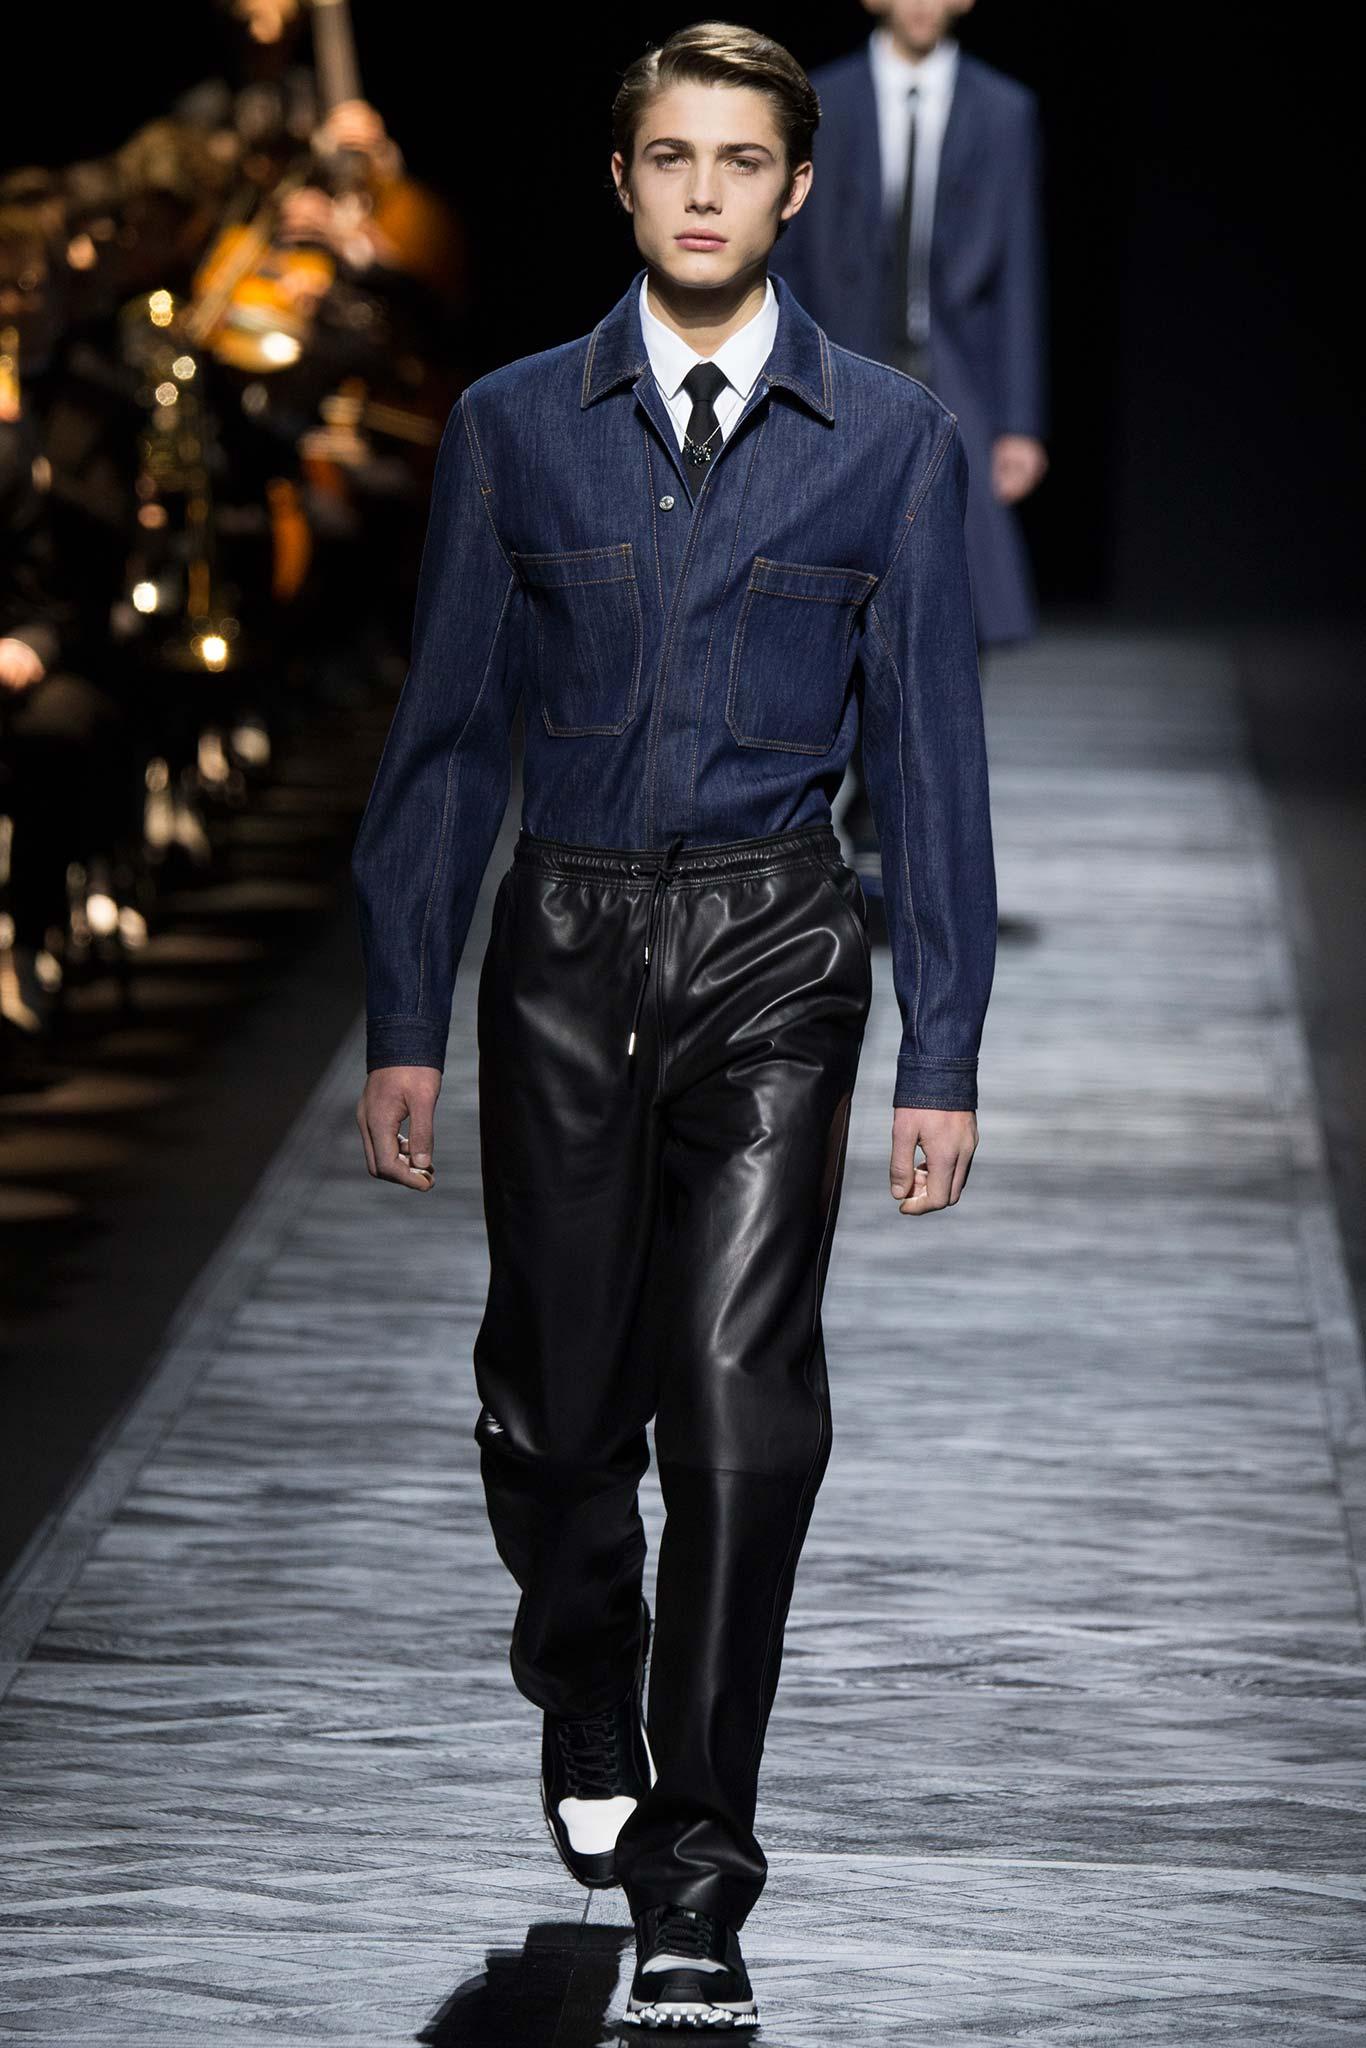 Dior Homme FW '15